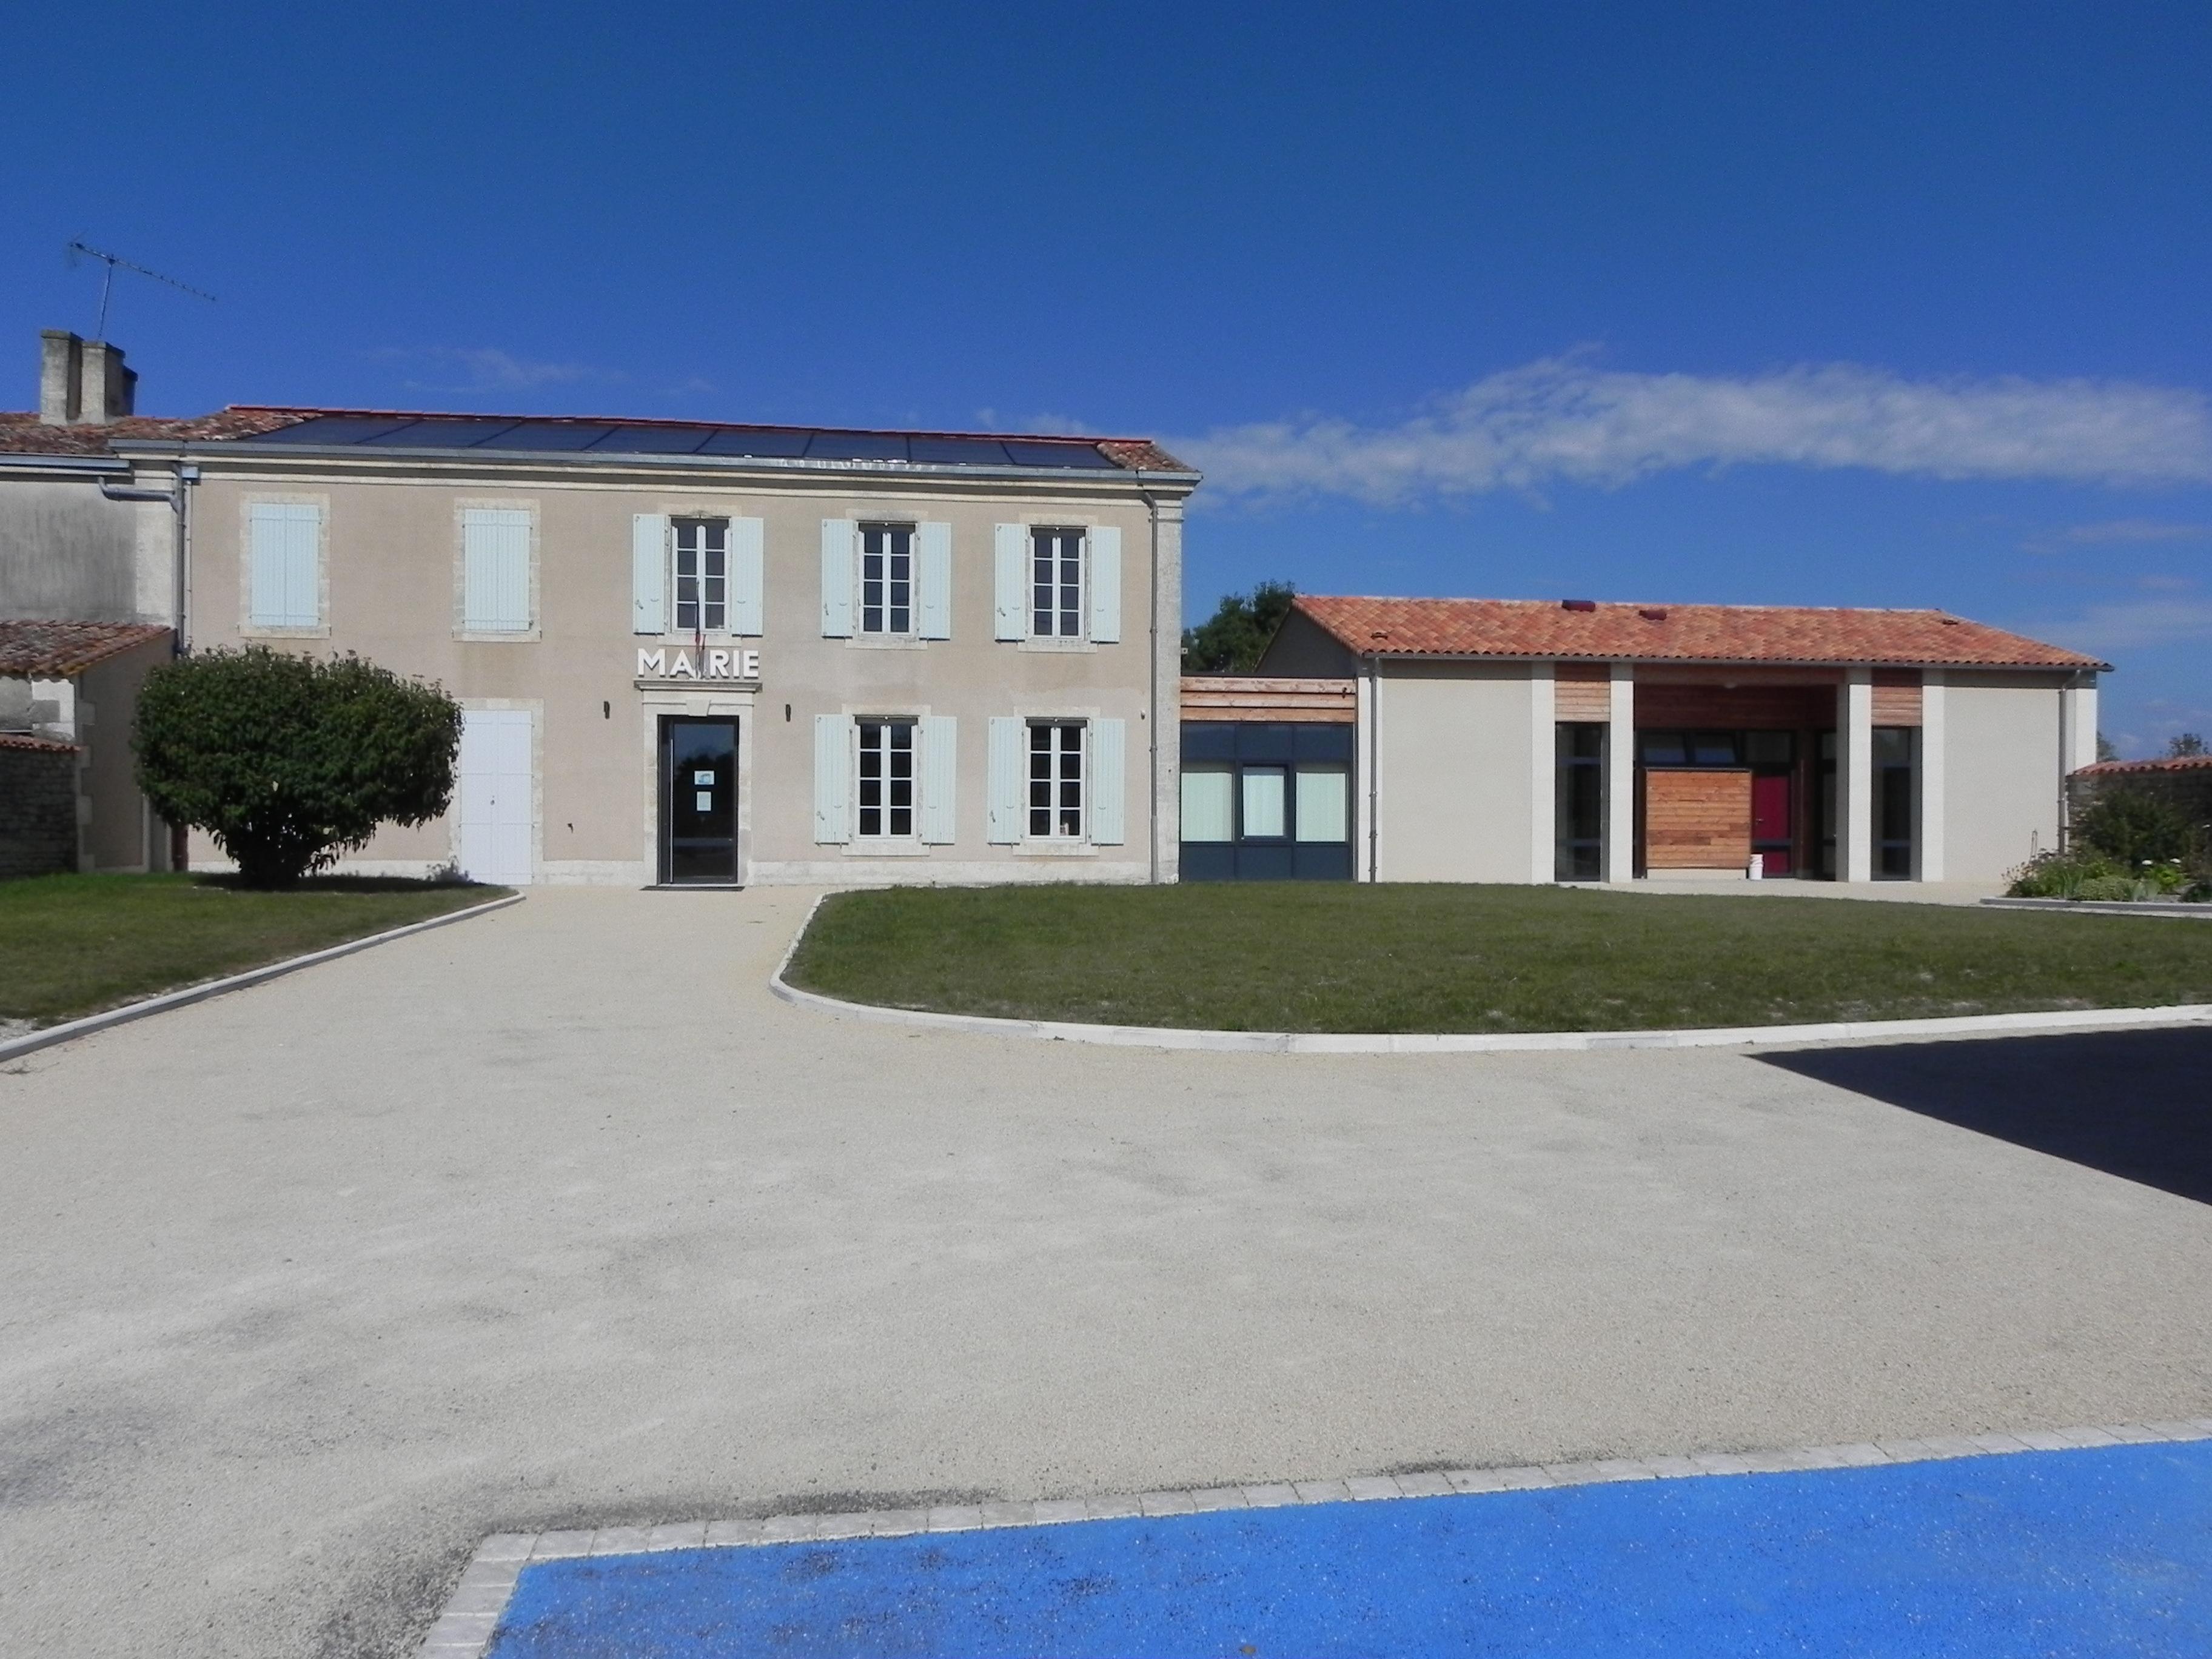 mairie-facade-principale